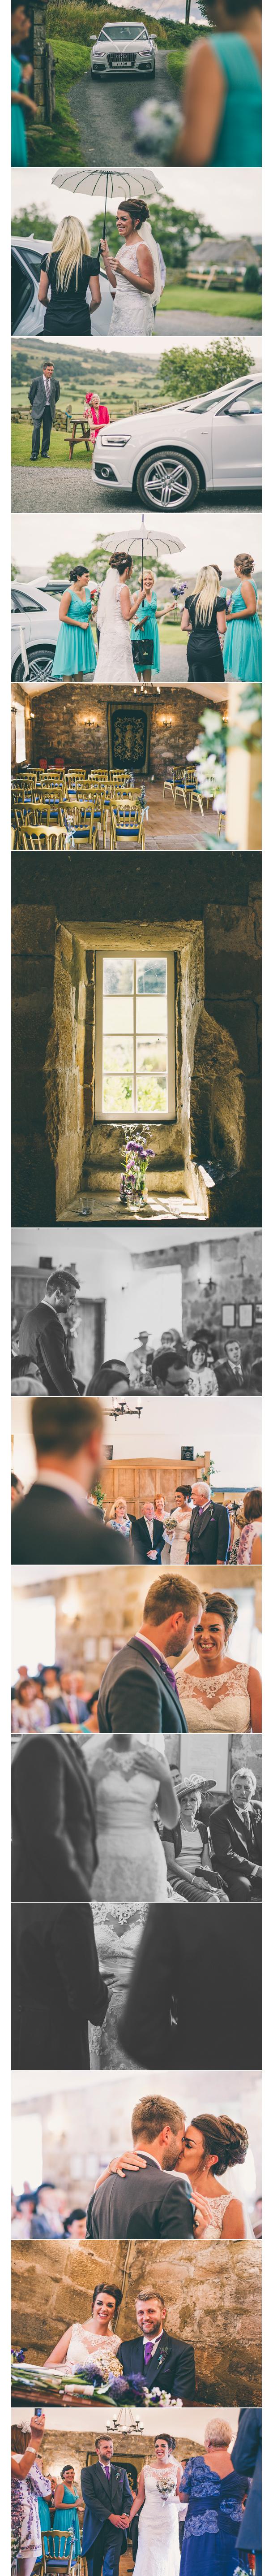 NeilJacksonPhotographicScarboroughYorkYorkshireWeddingPhotographerKirsty&JamesDanbyCastleWhitbyWeddingBlog3